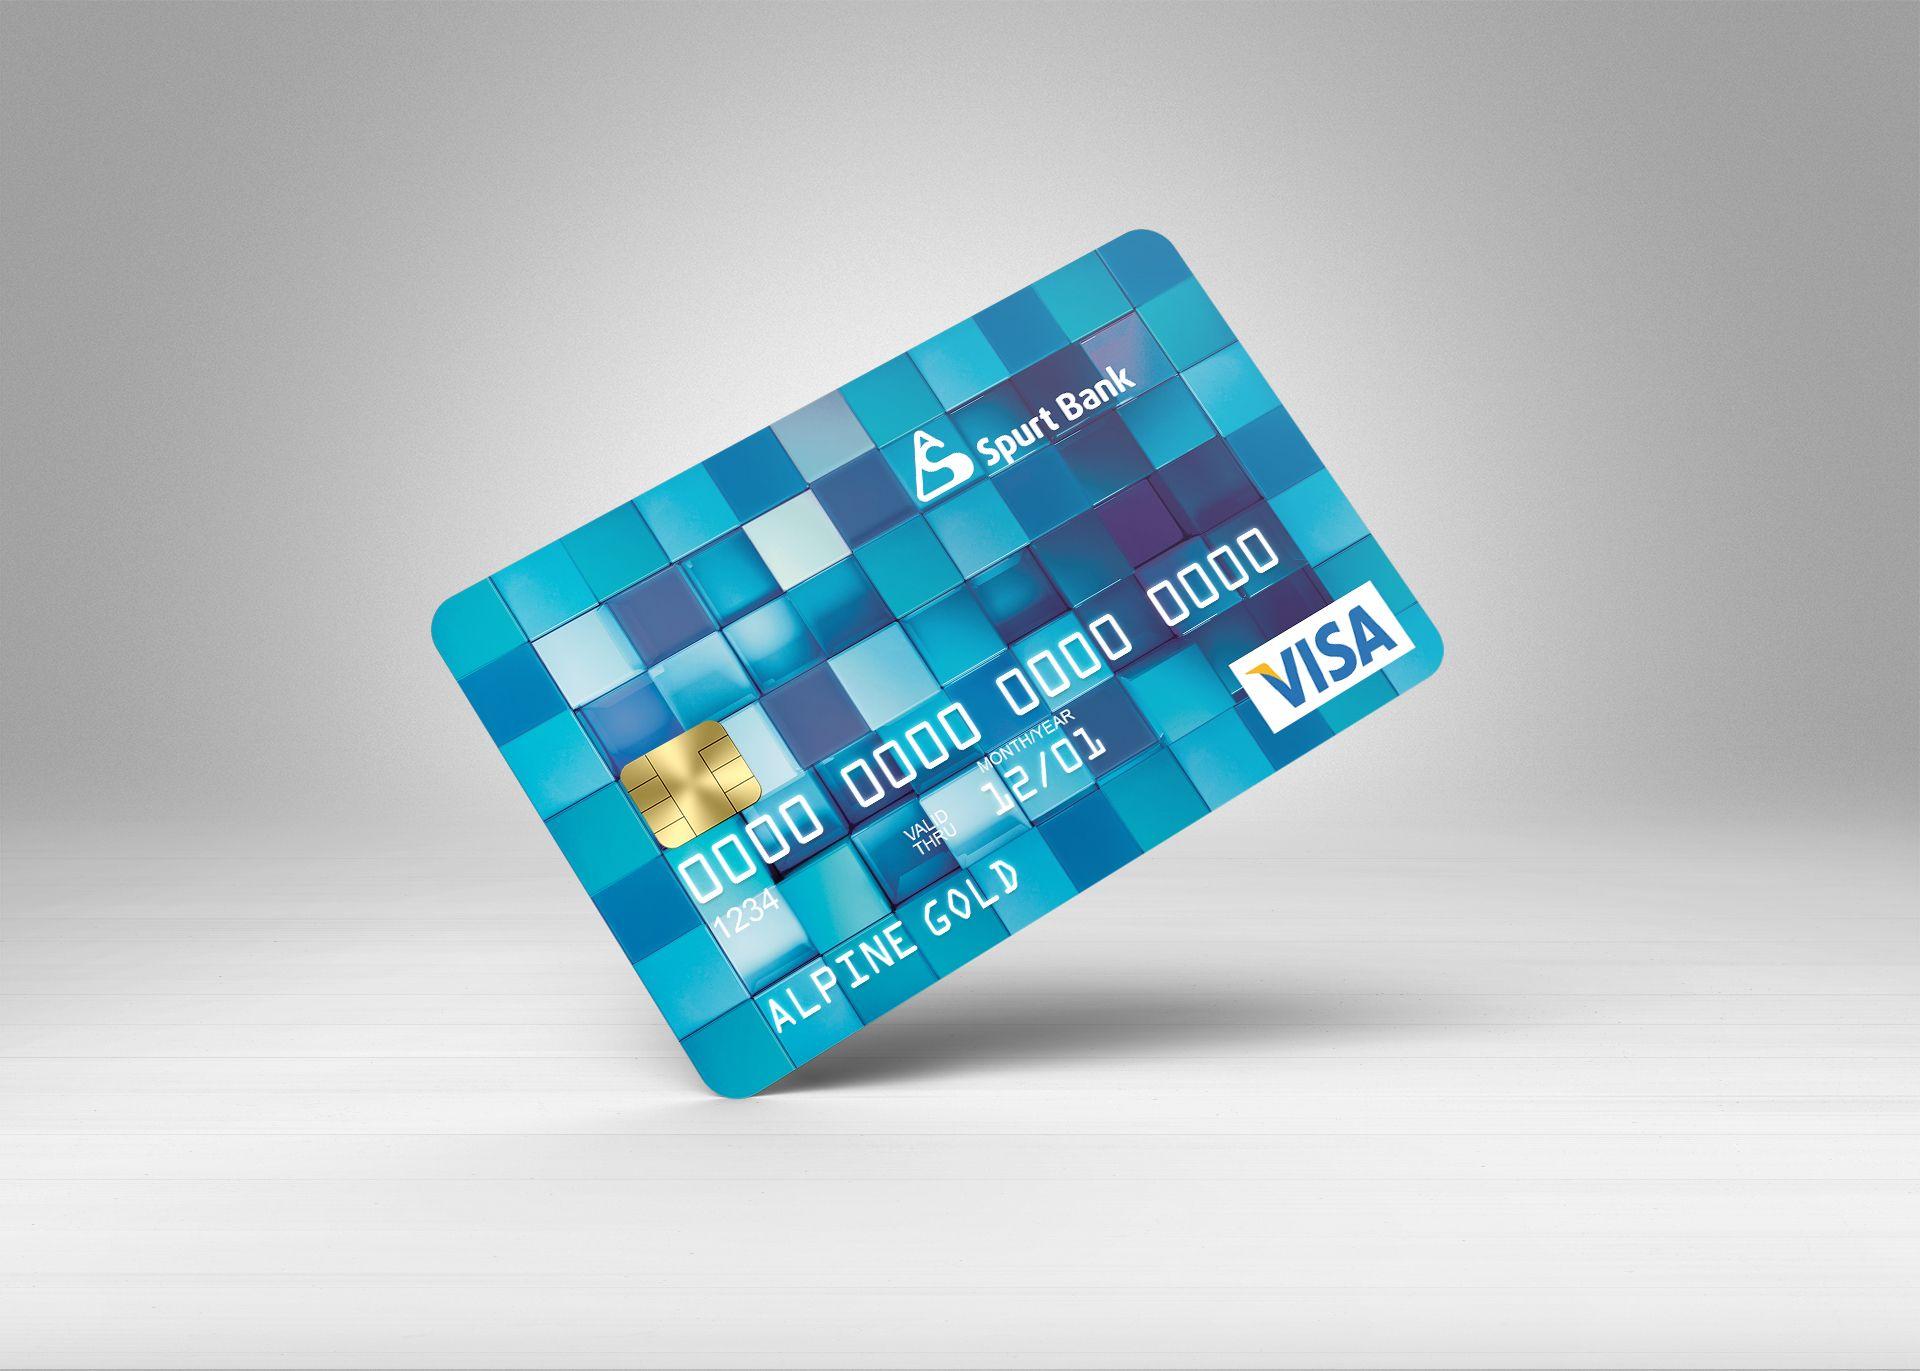 Дизайн банковской пластиковой карты  - дизайнер alpine-gold